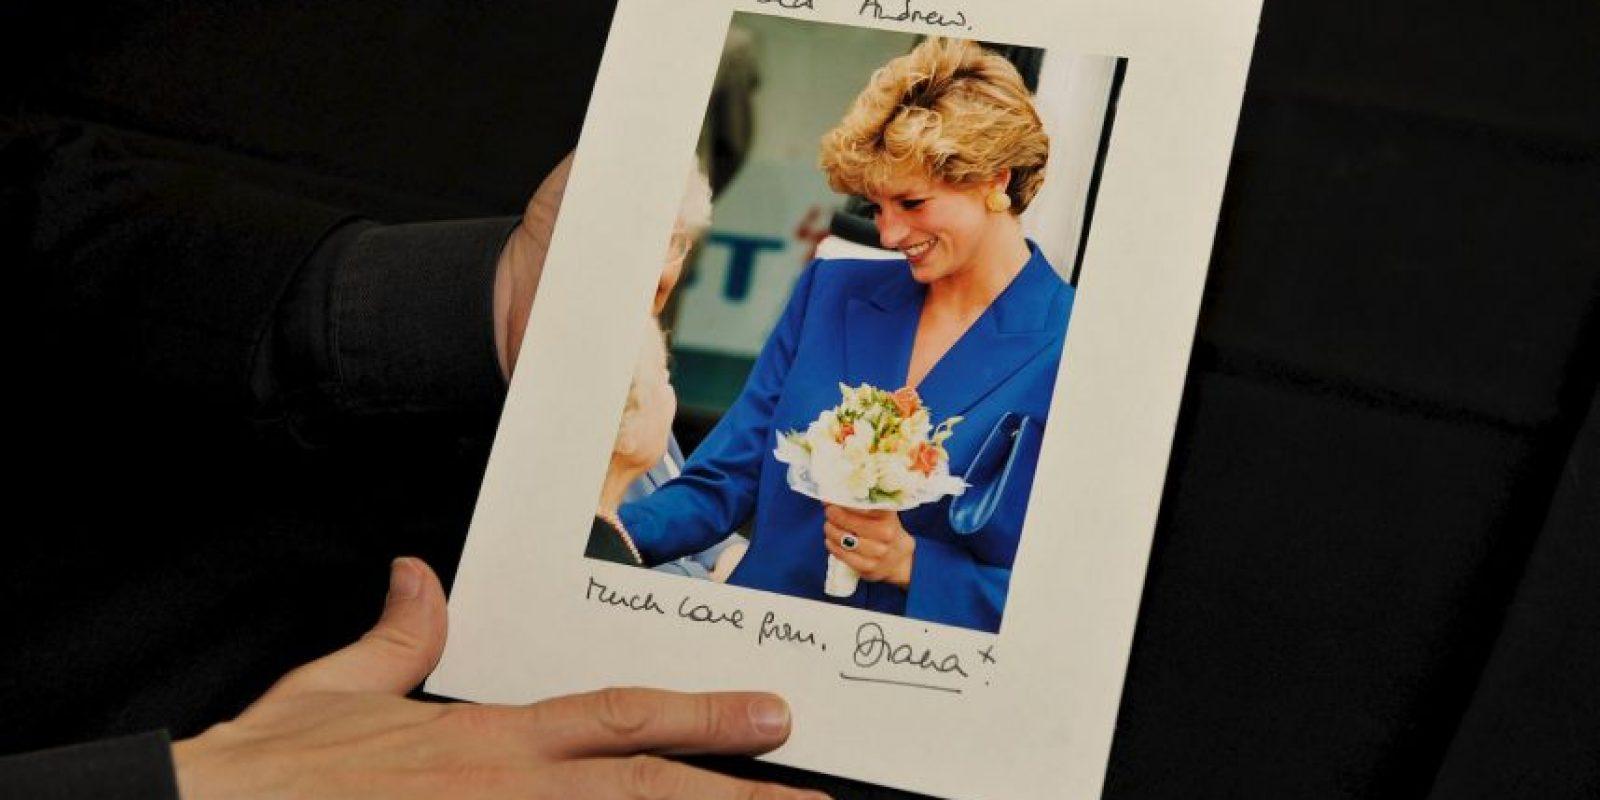 Su boda fue vista por 750 millones de personas en todo el mundo Foto:Getty Images